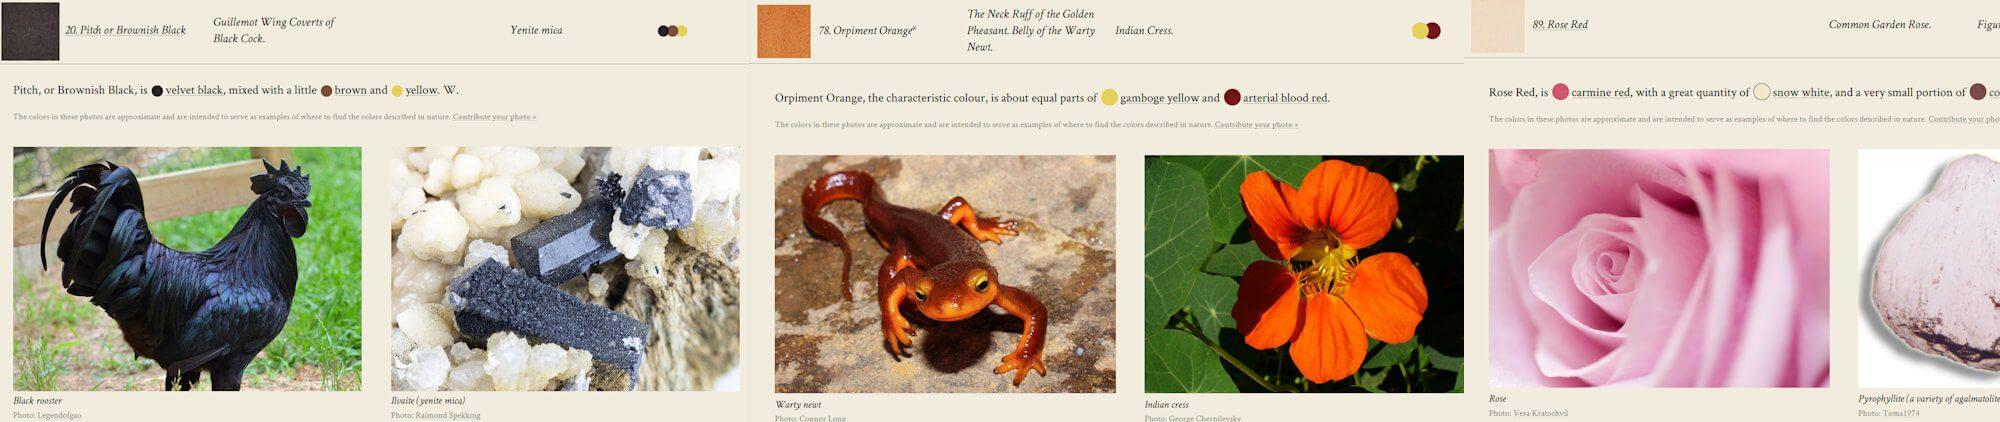 Verschiedene Farben aus Werner's Nomenklatur der Farben anhand von Beispielfotos